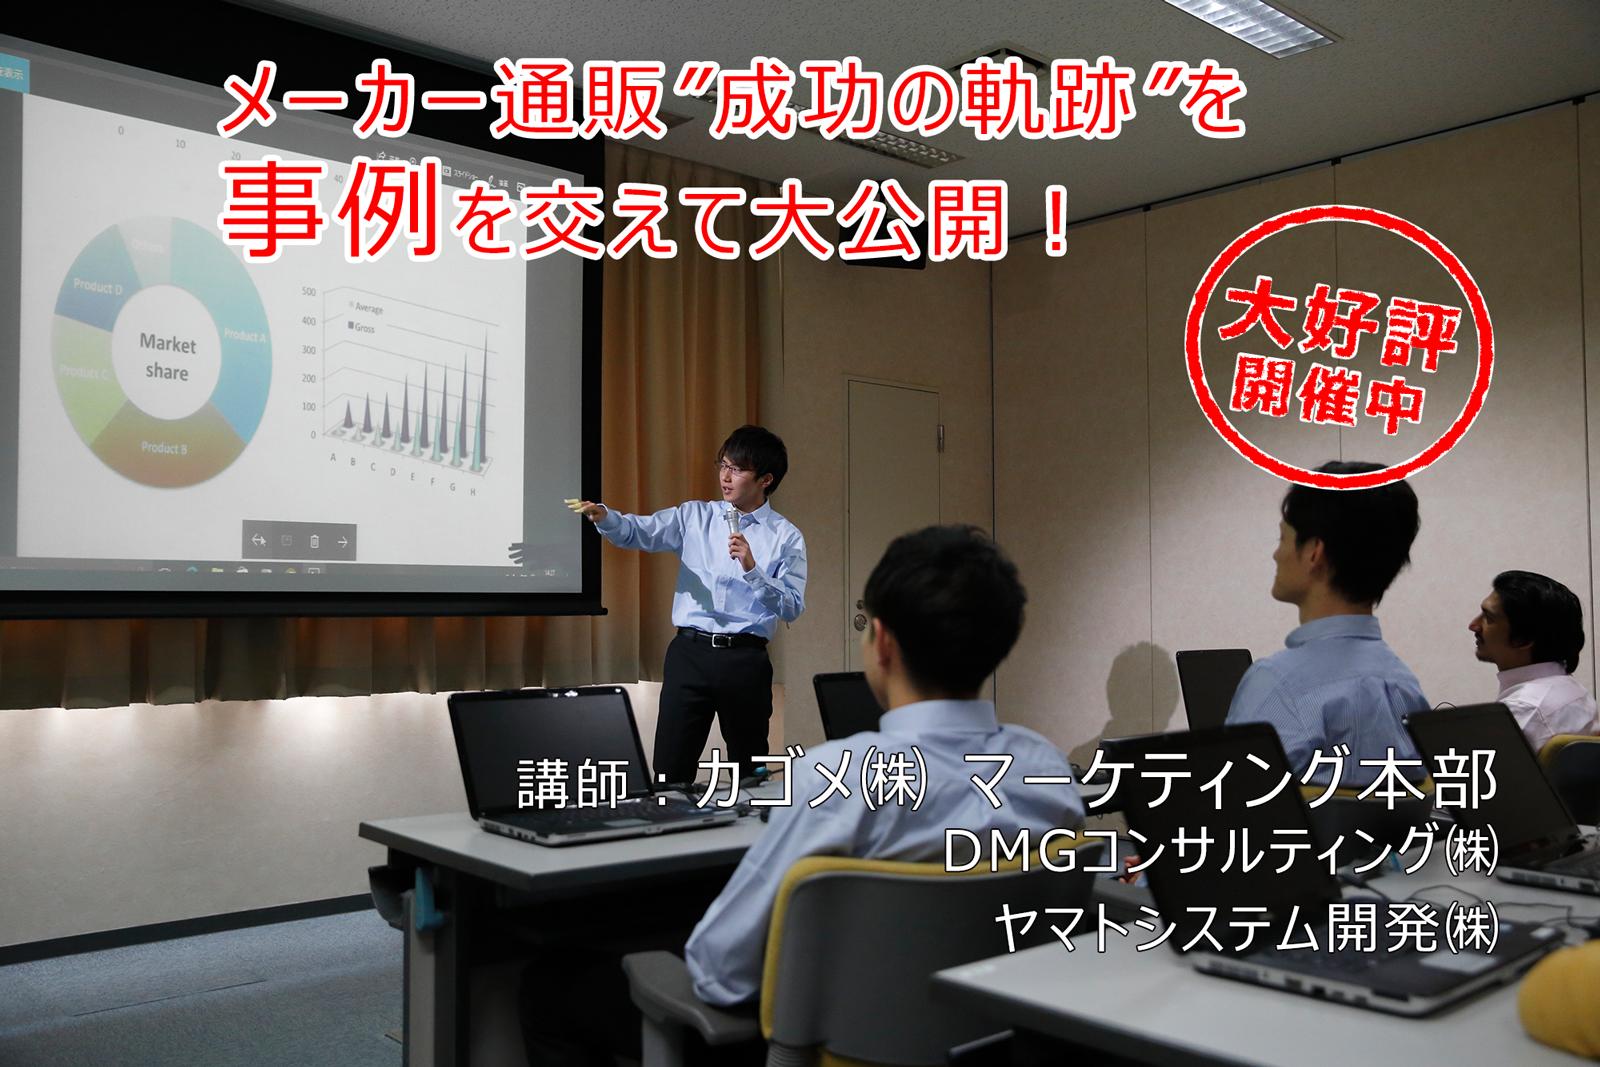 カゴメの通販キーパーソンが登壇! メーカー通販の成功のポイントセミナー in 東京